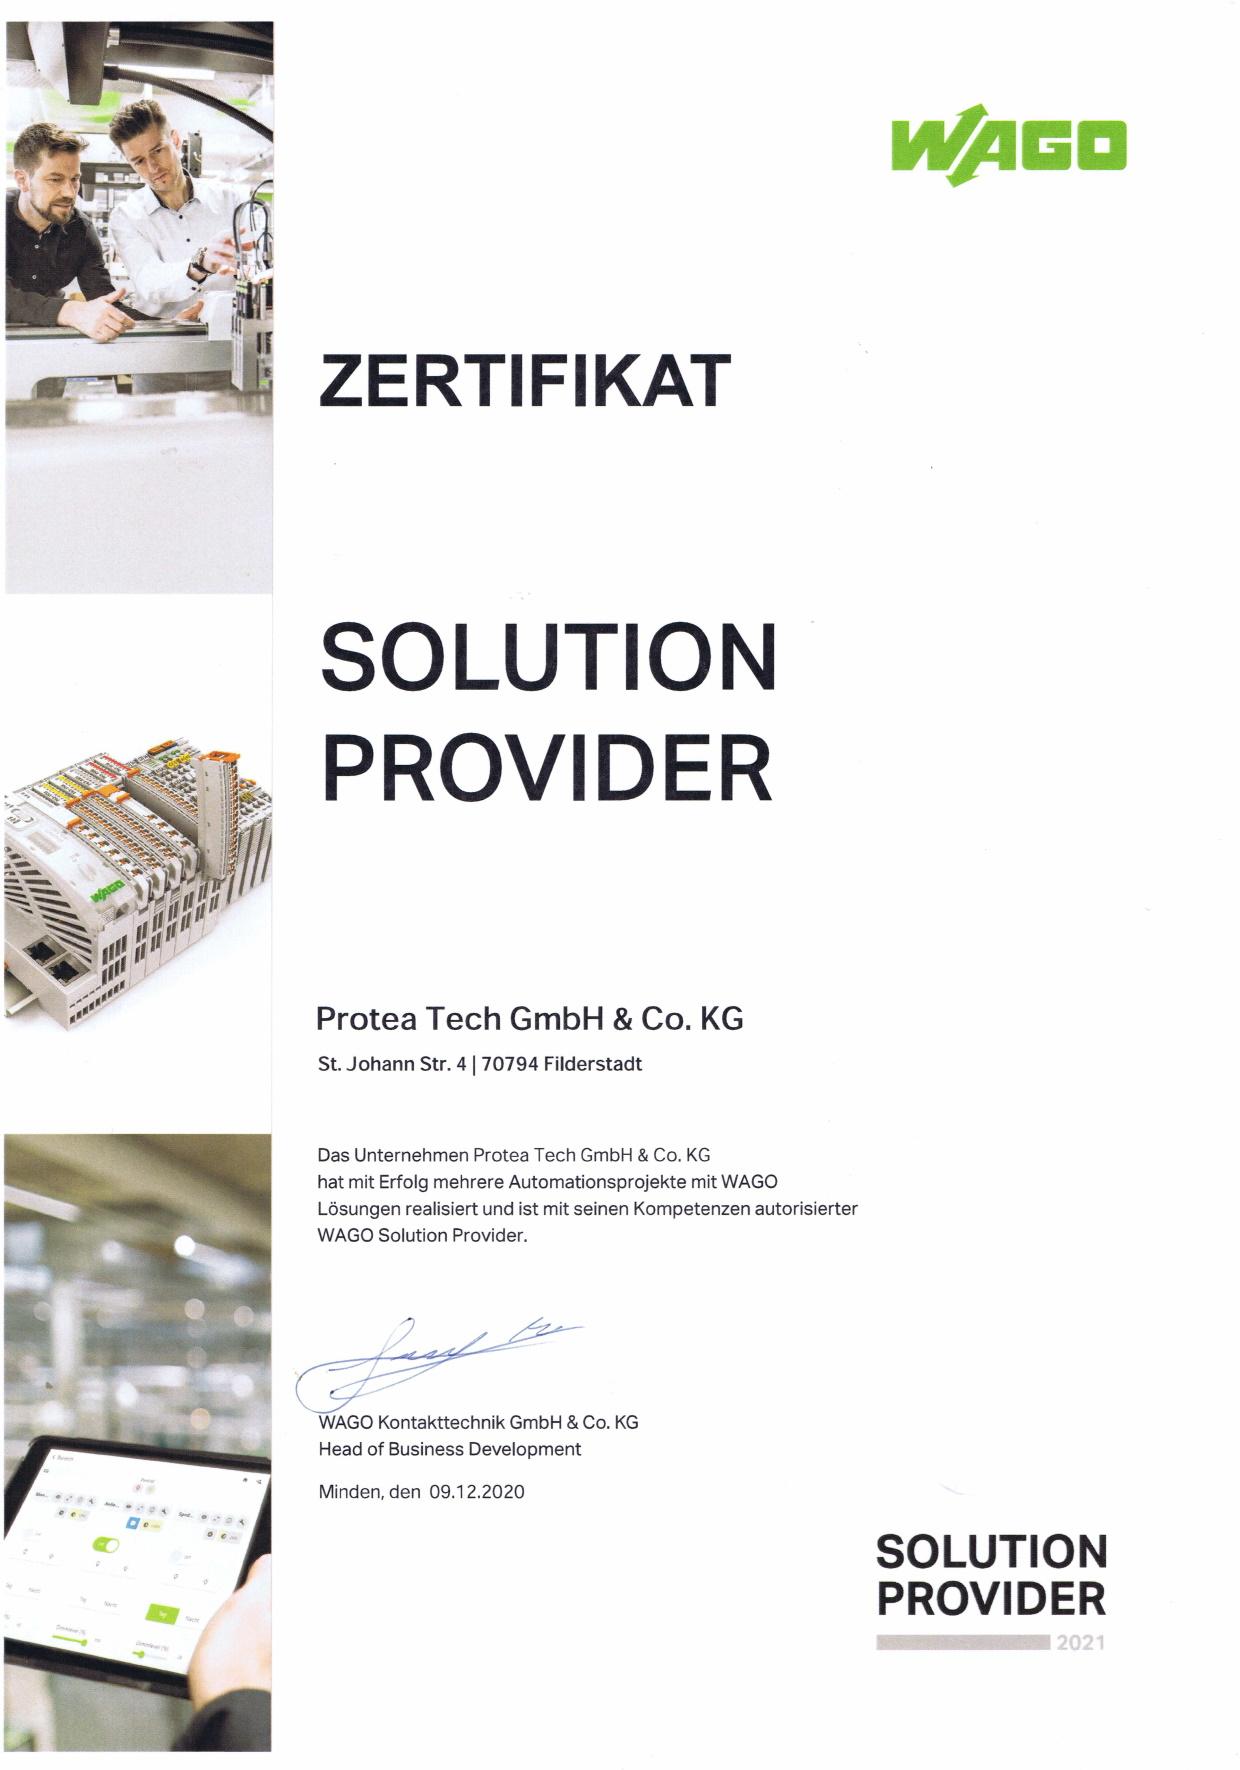 Protea Tech ist WAGO Solution Provider